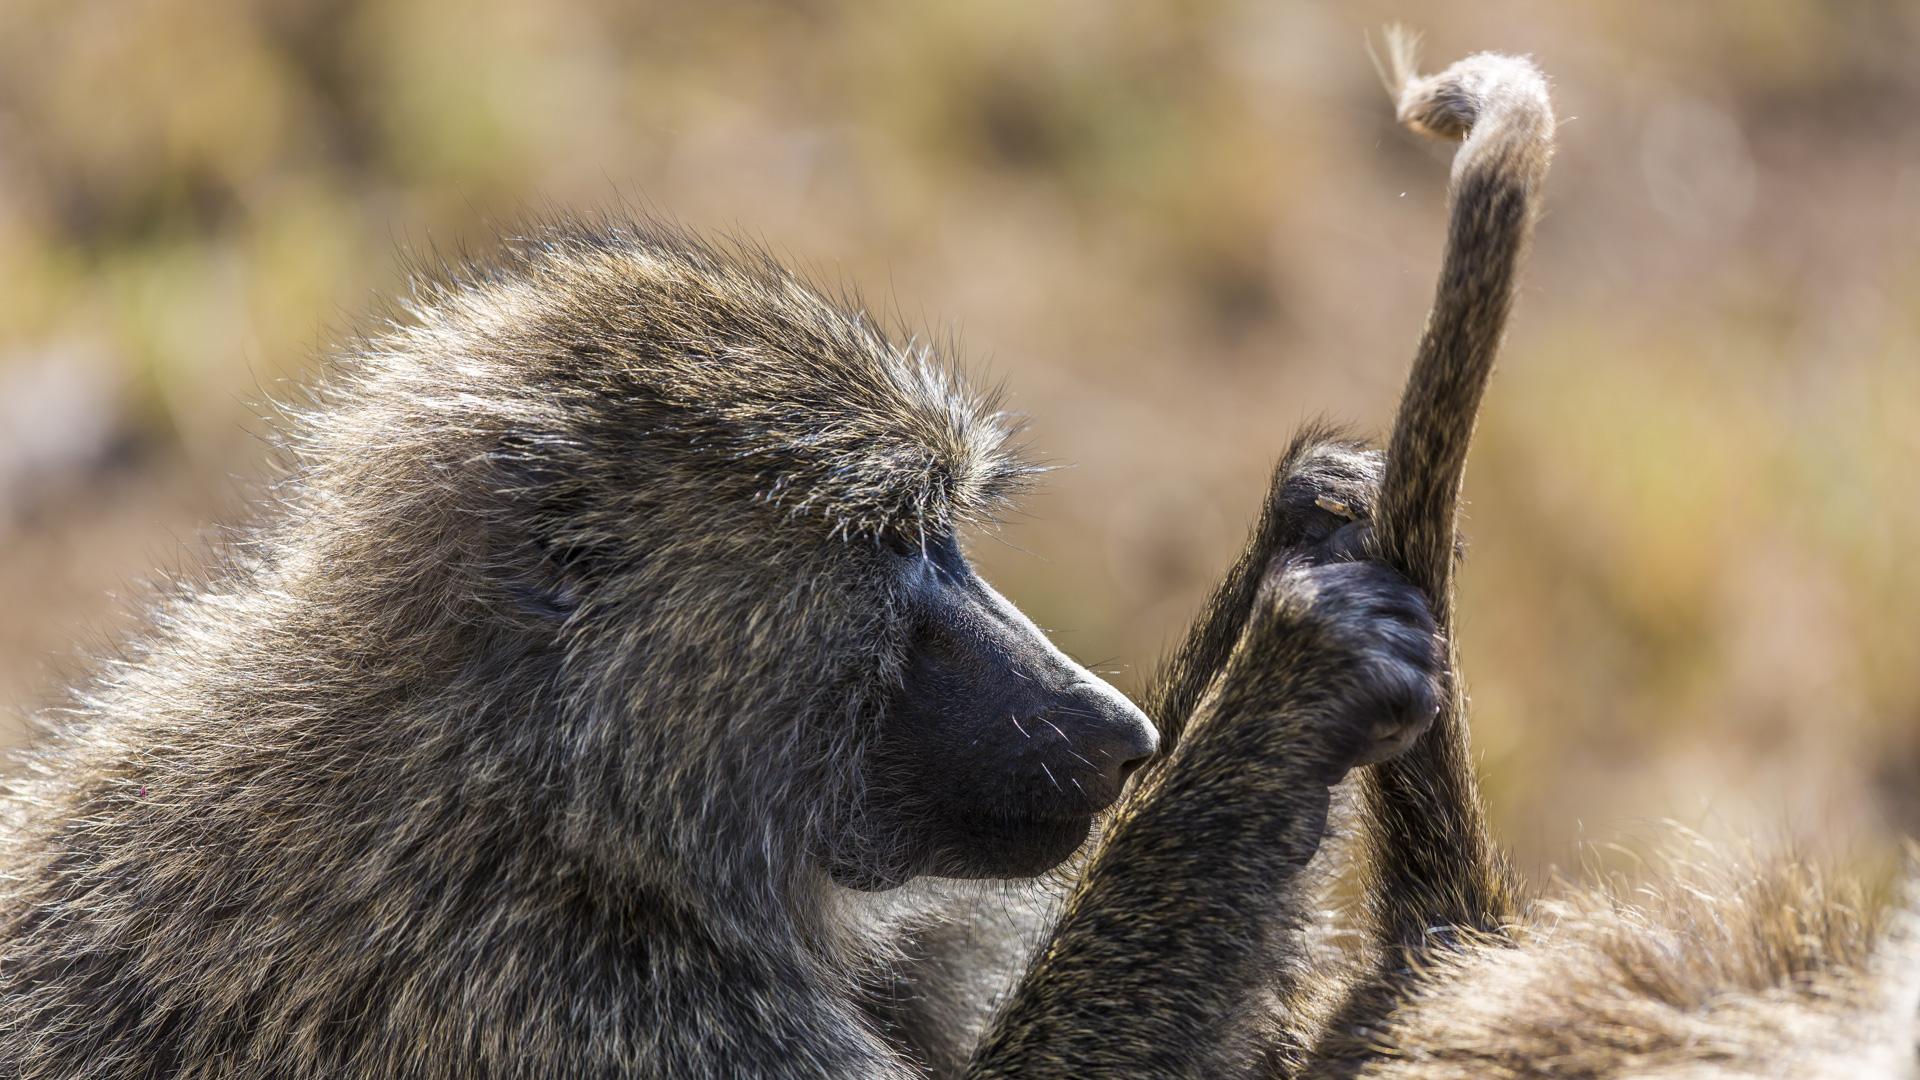 Busy baboon, Masai Mara